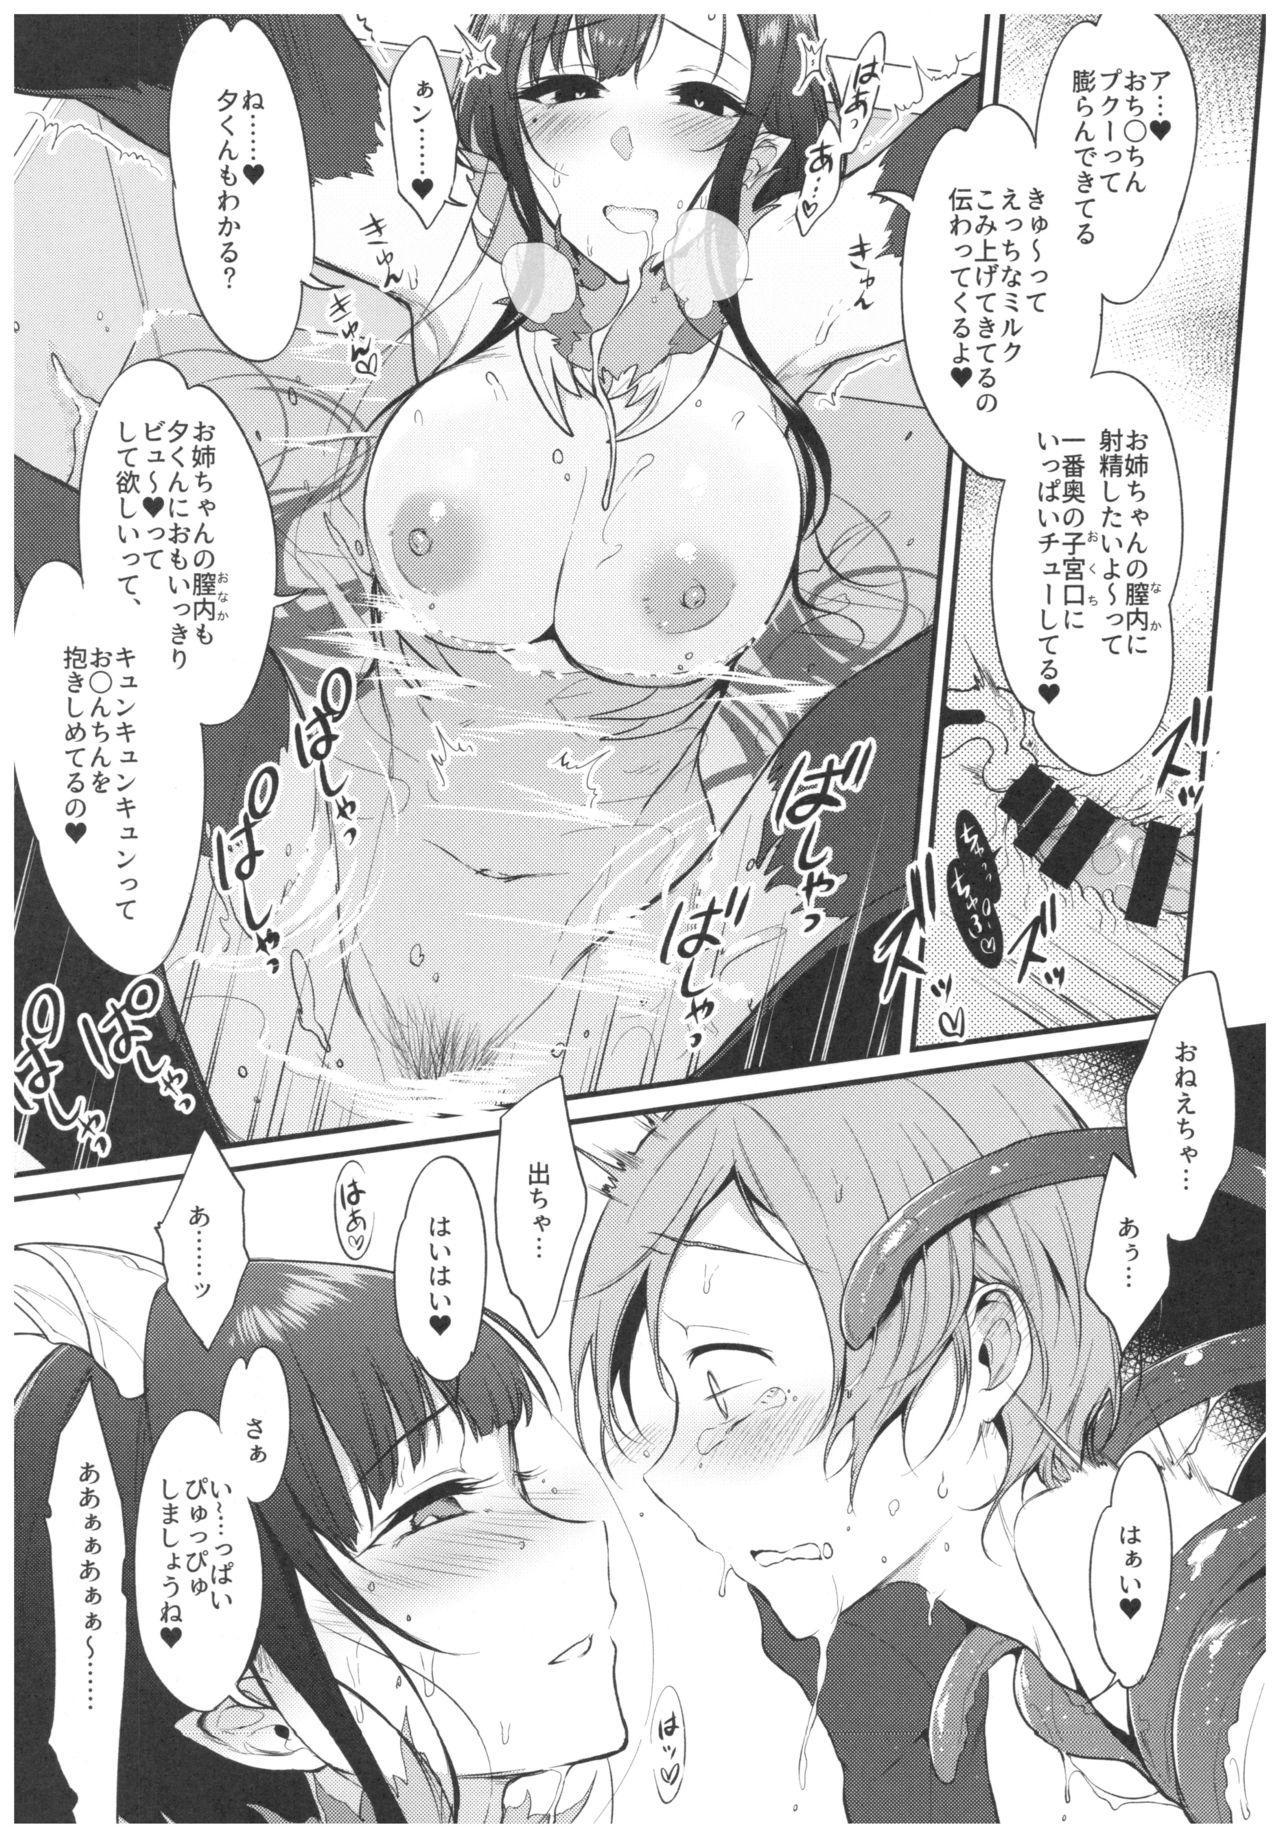 Ane Naru Mono 6 17